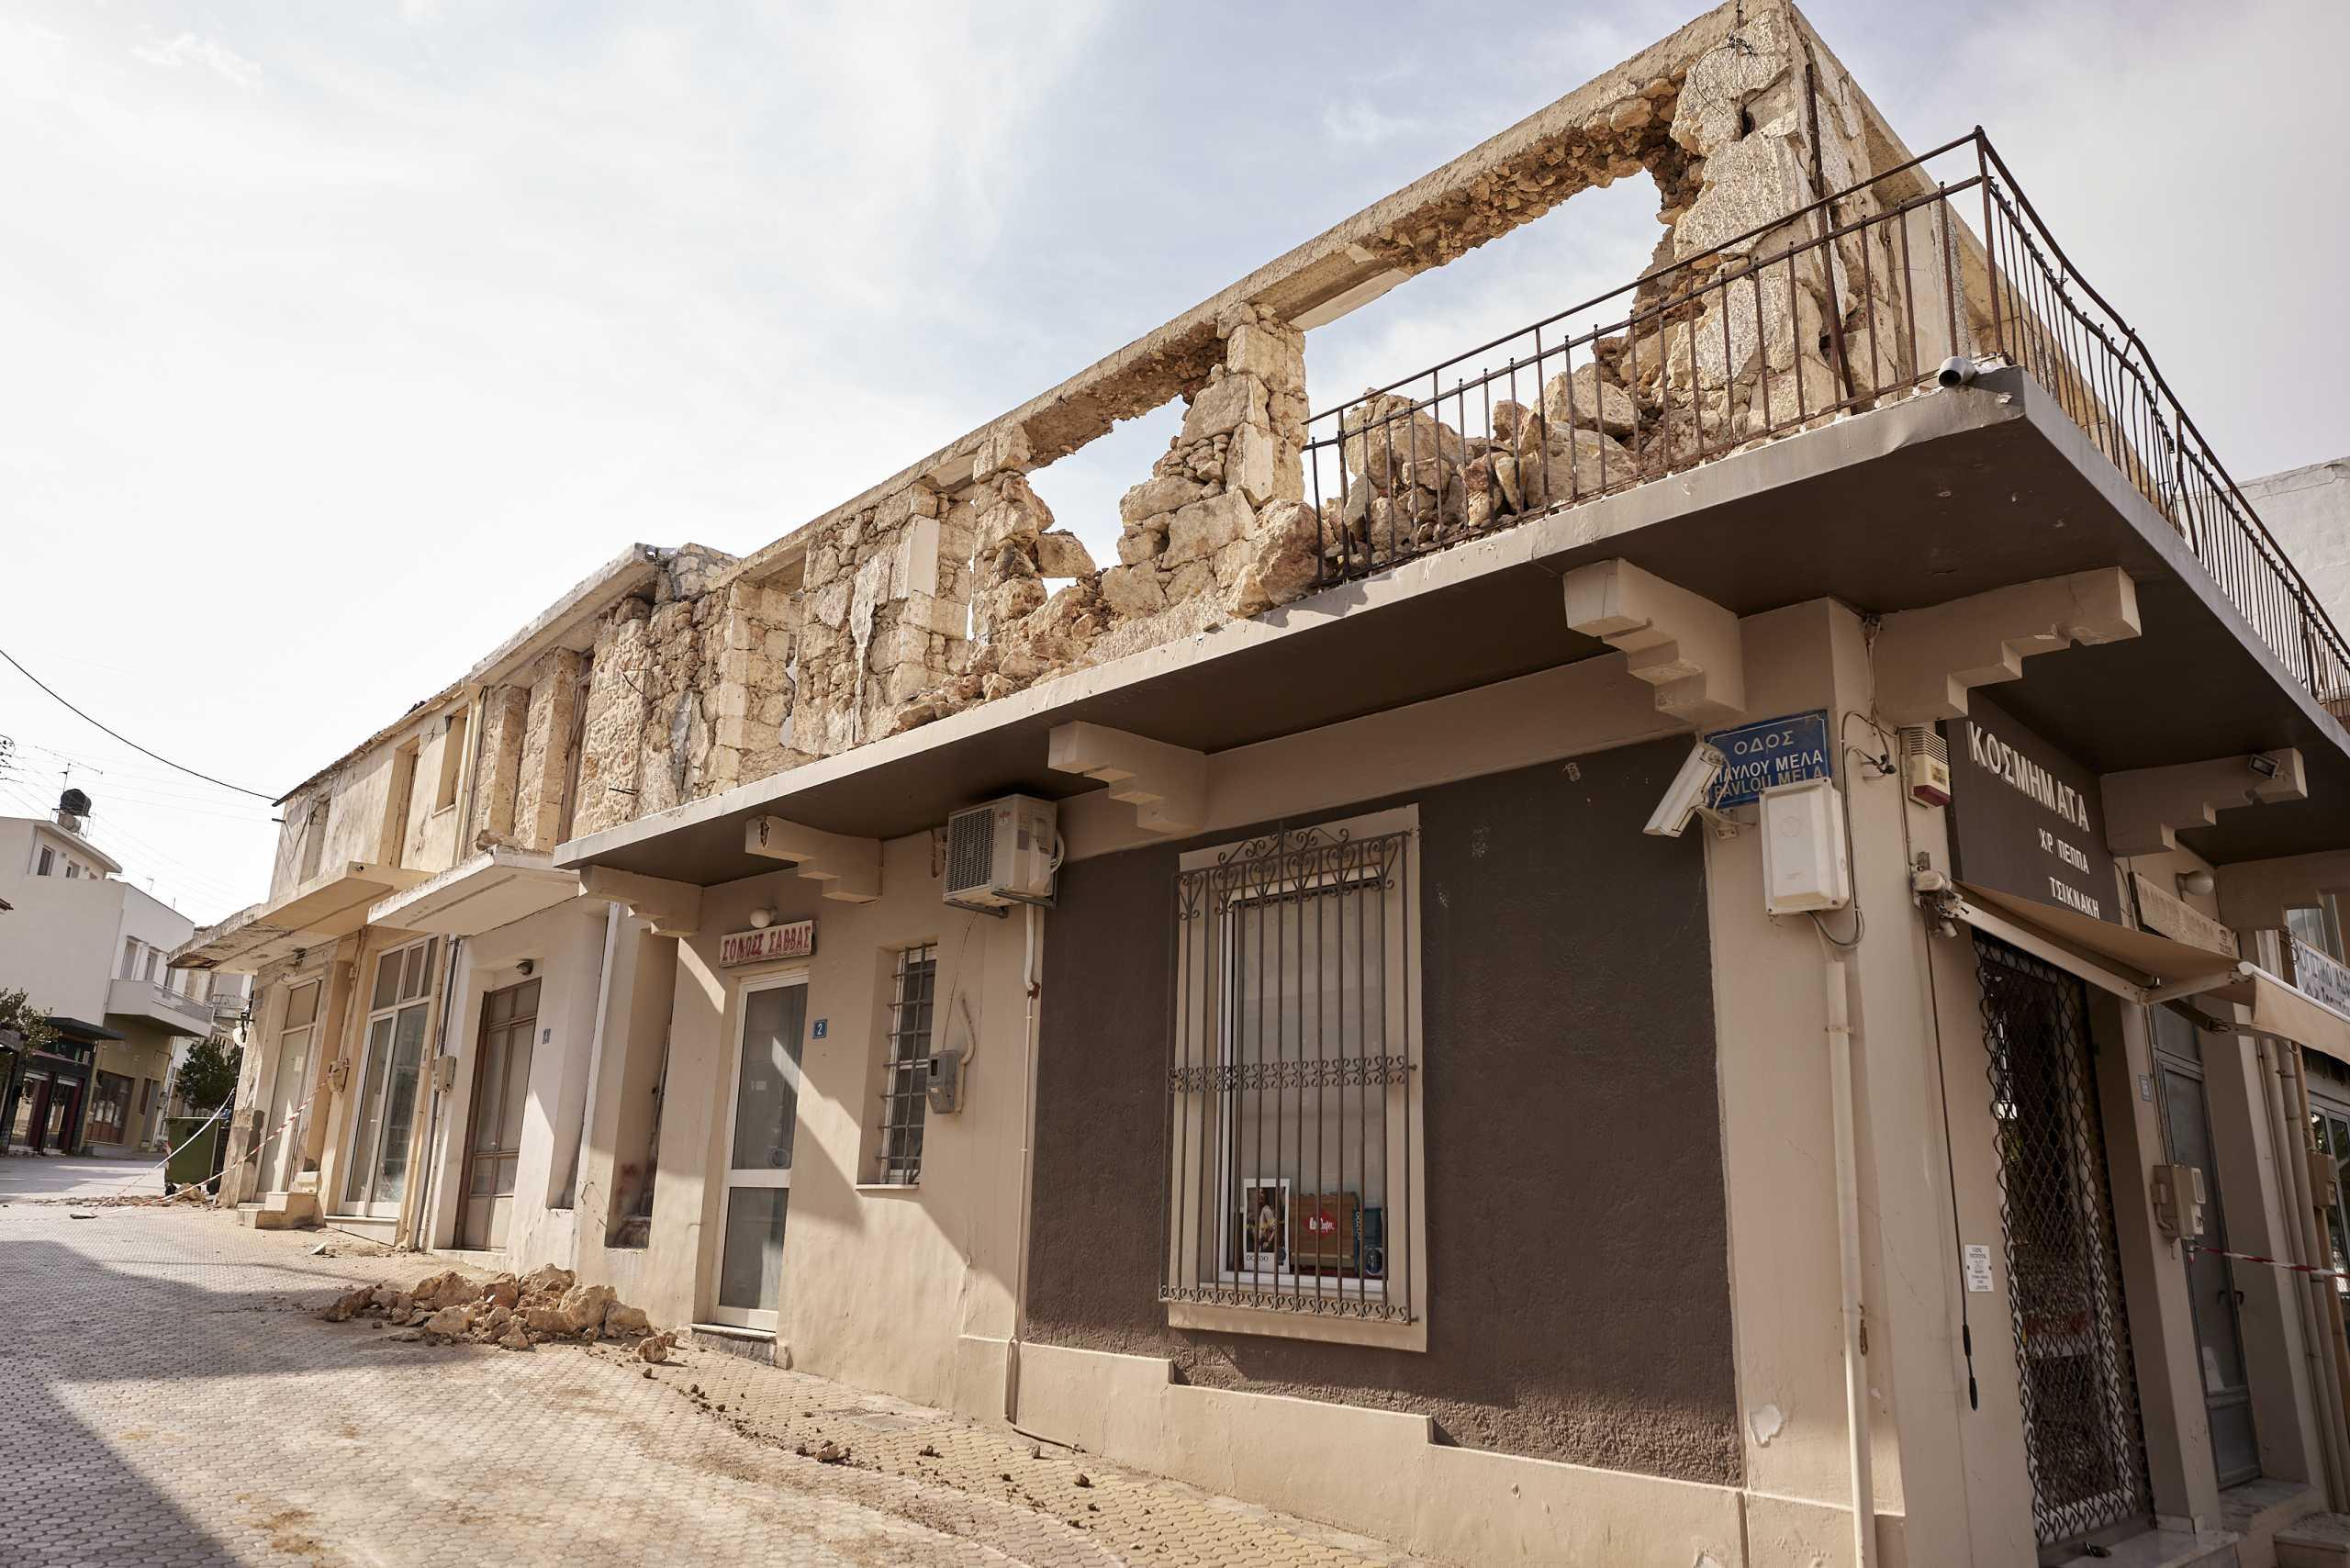 Σεισμός στην Κρήτη: Πάνω από 3.000 σπίτια κρίθηκαν μη κατοικήσιμα